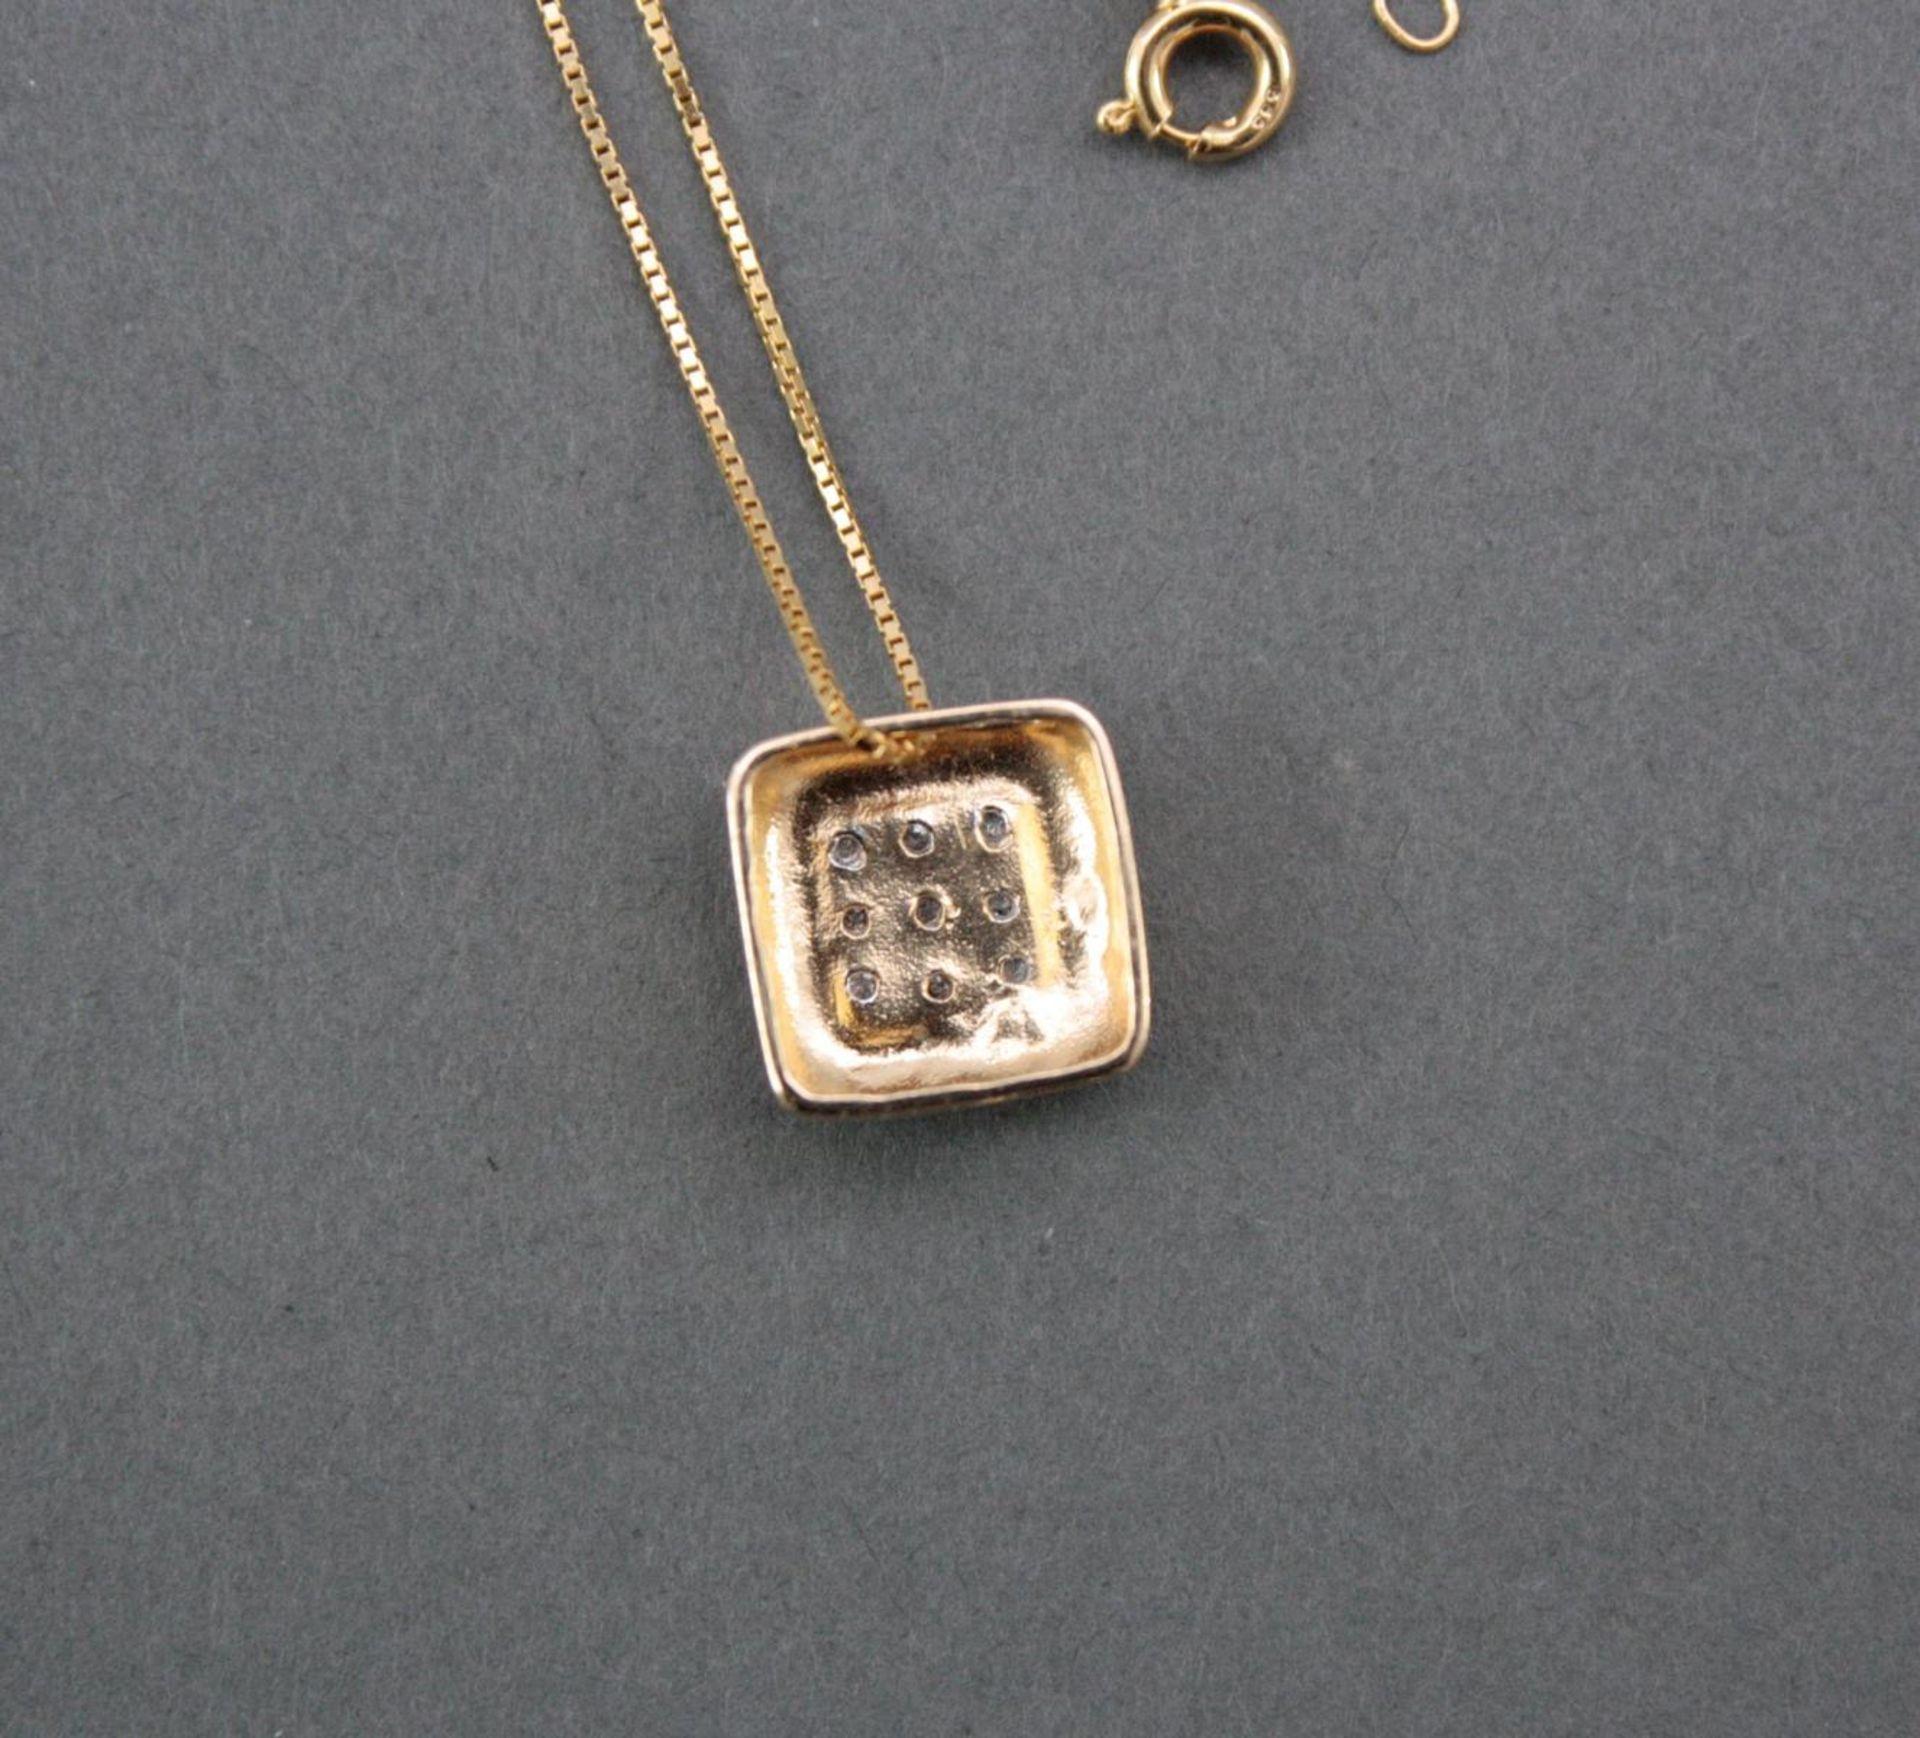 Halskette mit Diamantanhänger, 14 Karat Gelbgold - Bild 3 aus 3